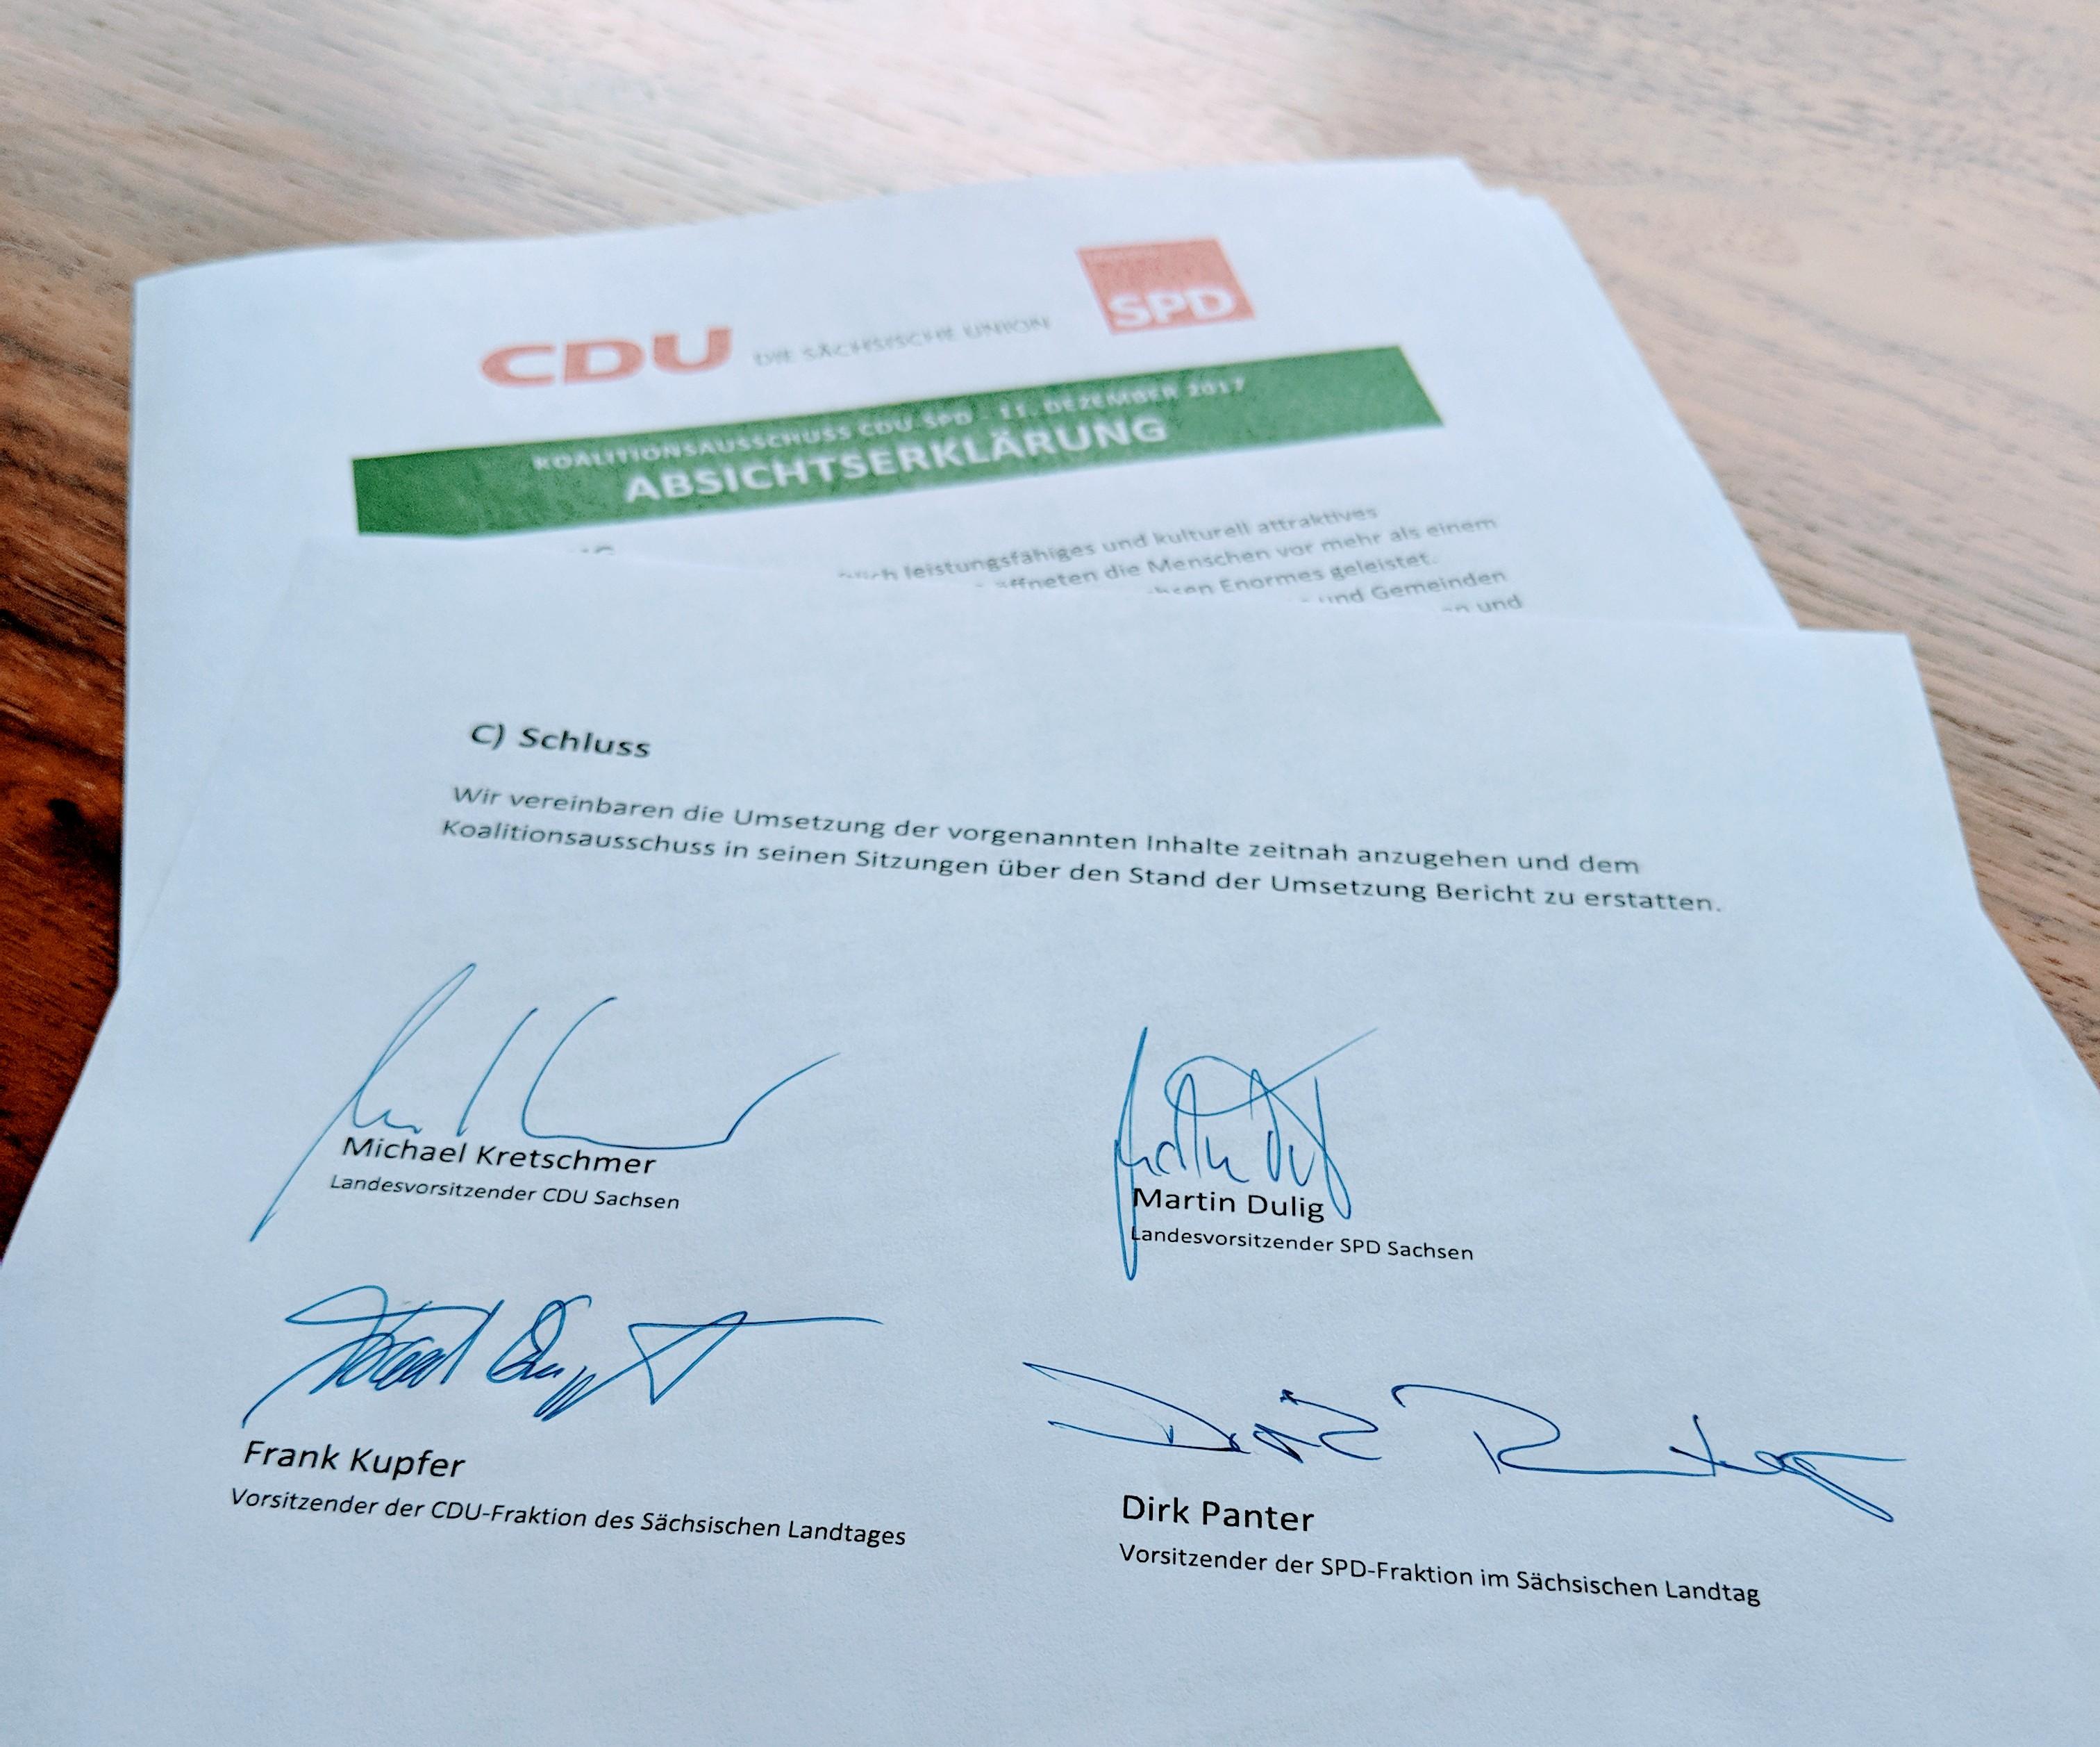 Absichtserklärung von CDU und SPD